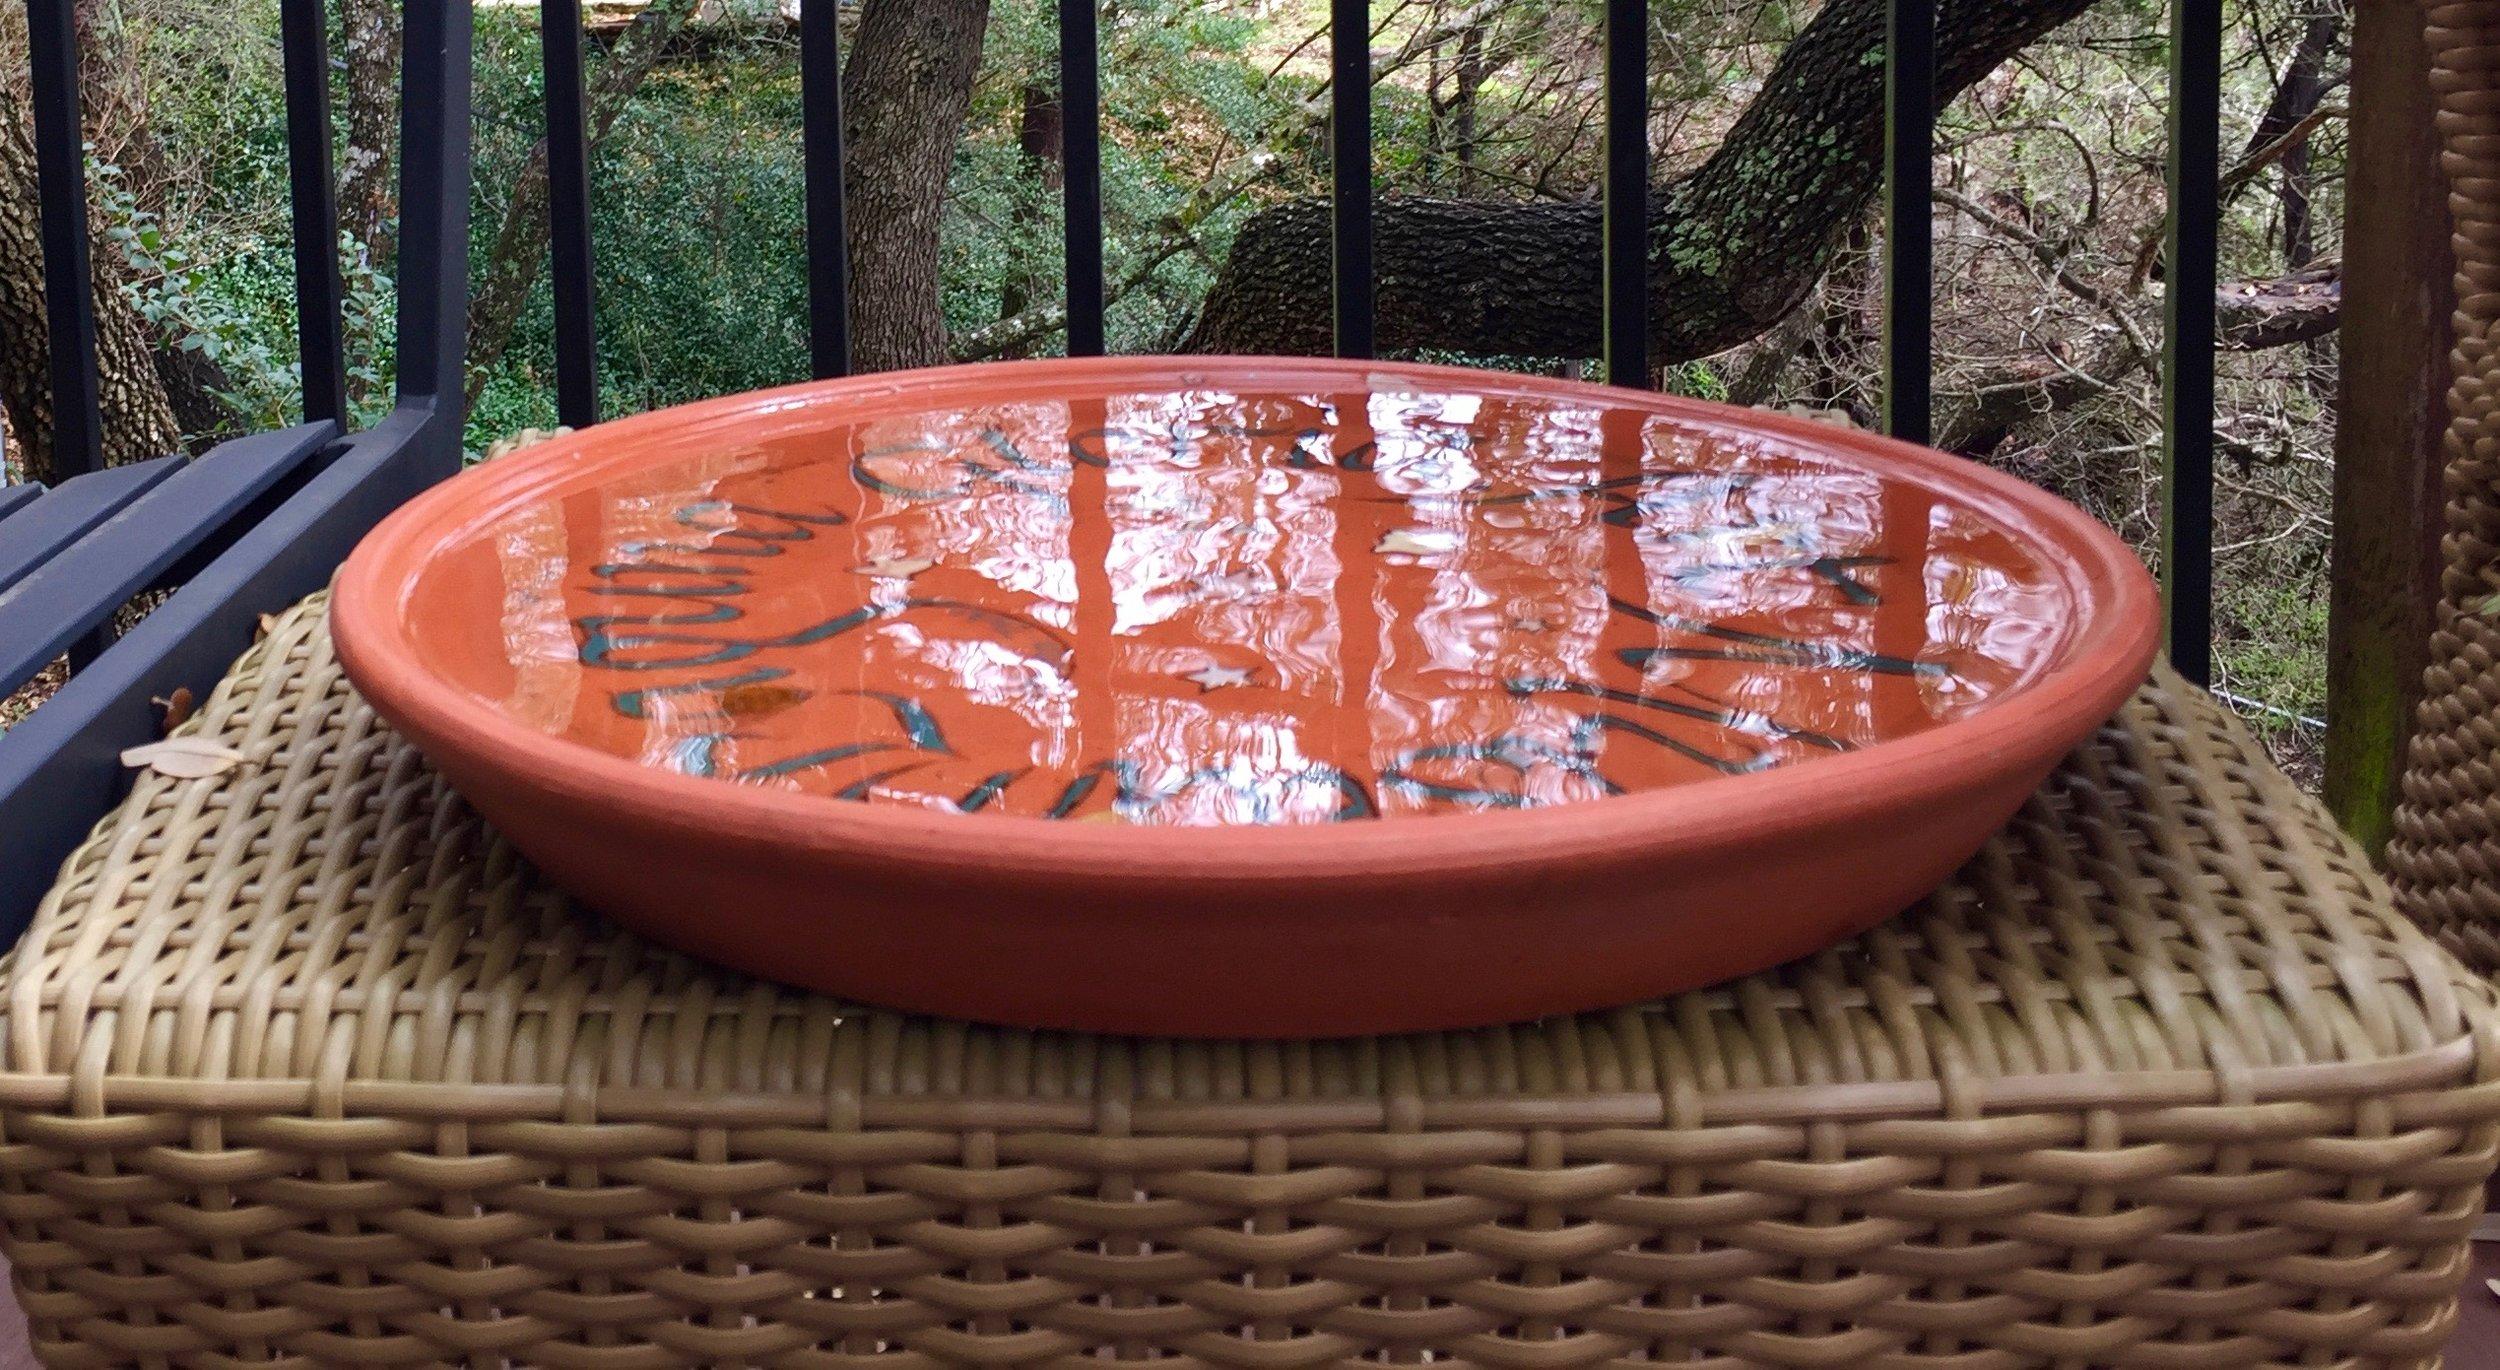 A Ceramic Bowl After An Austin Rain Shower…